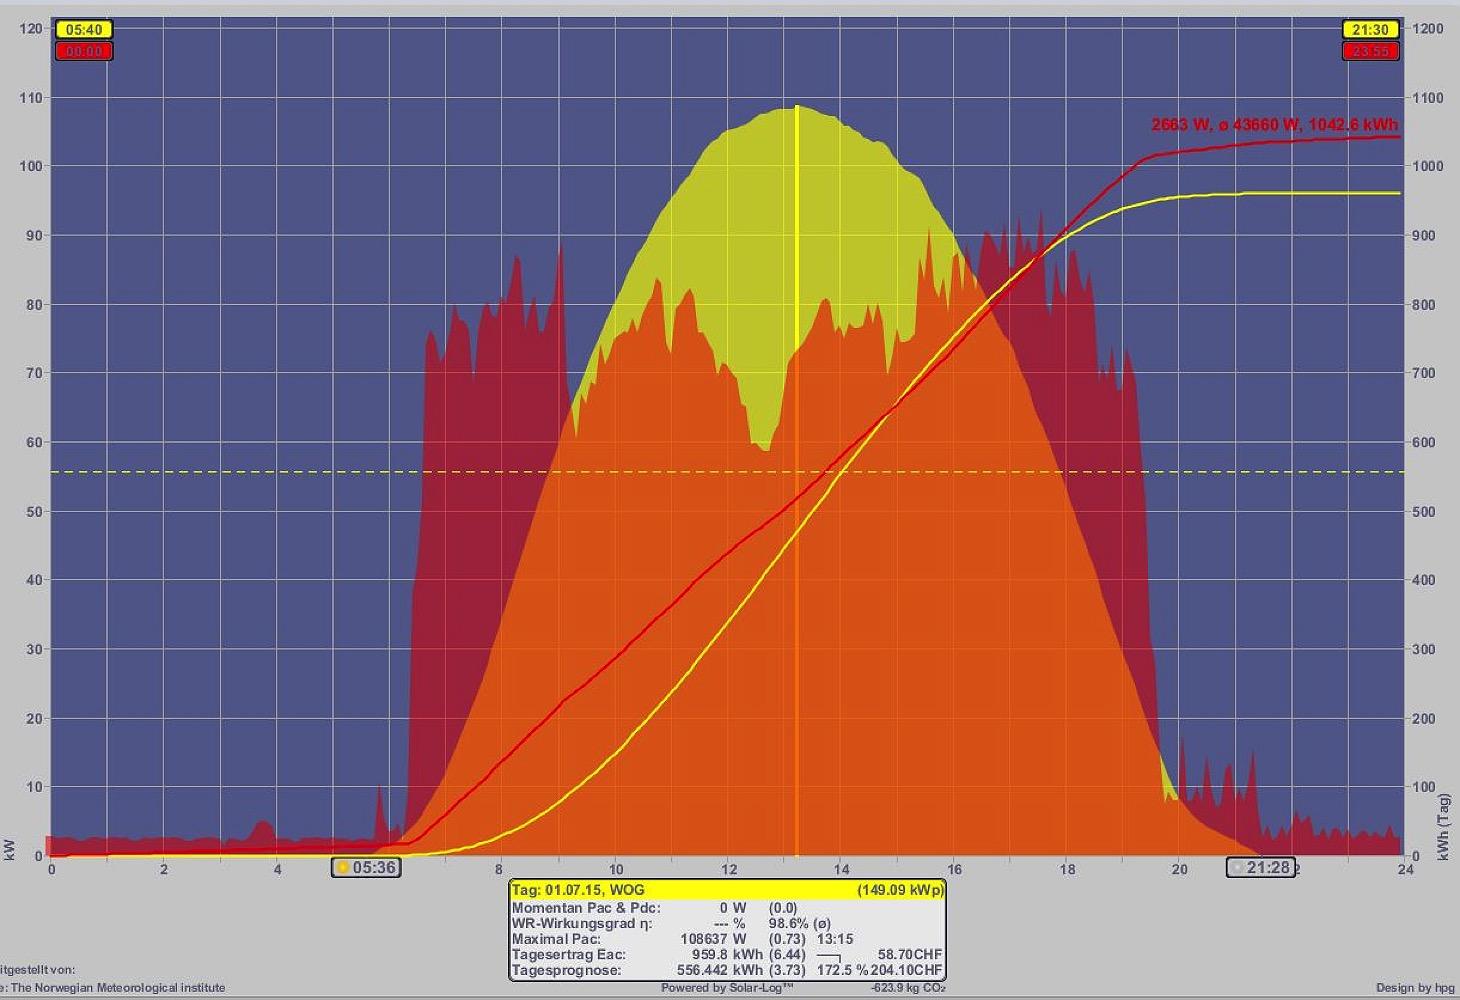 Ertrag Photovoltaik Berechnen : w o geiser ag ~ Themetempest.com Abrechnung